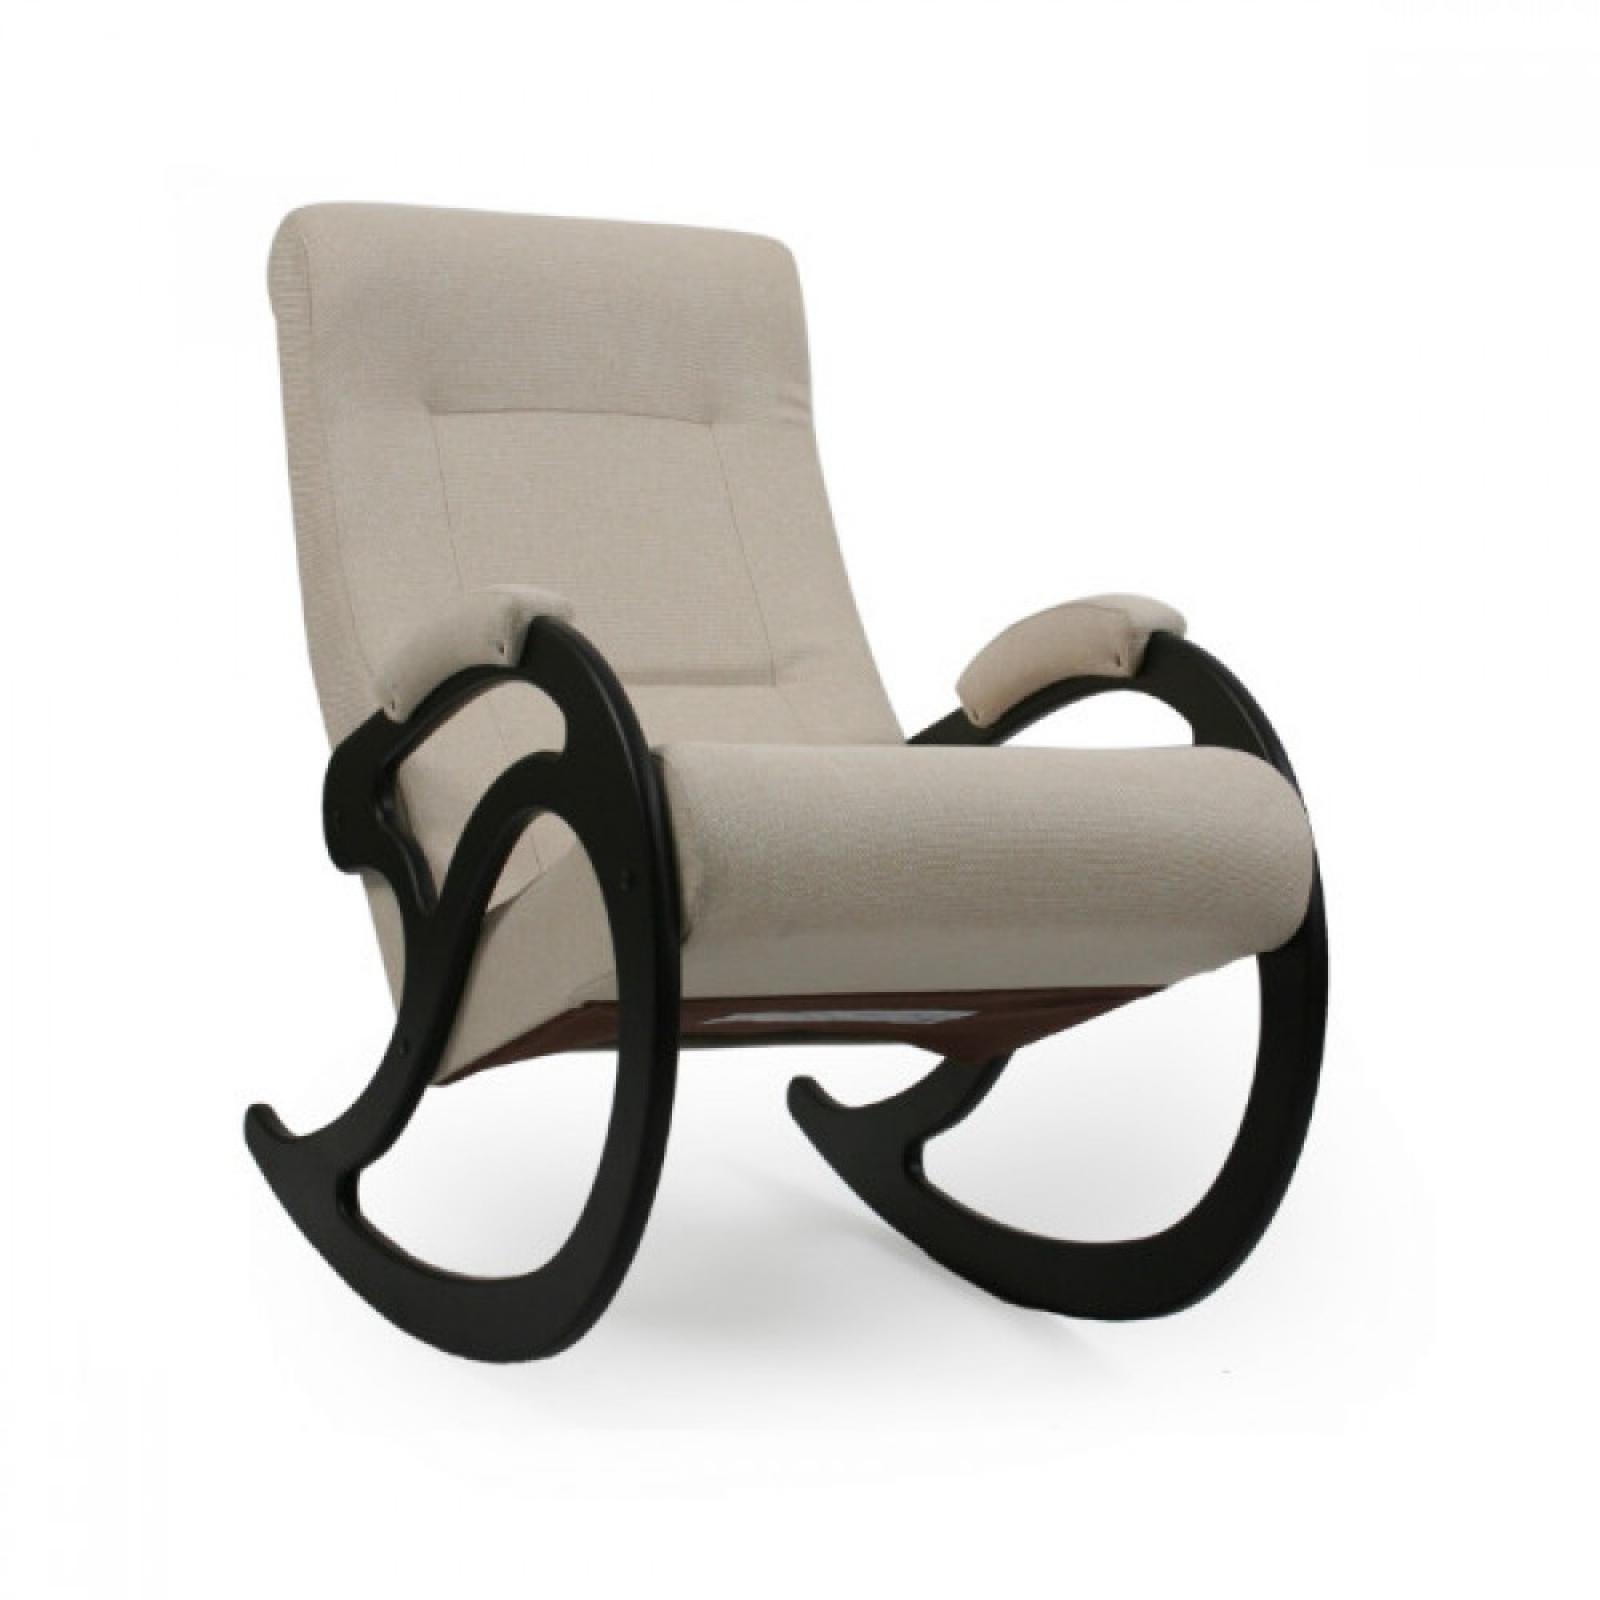 Кресло-качалка, Модель 5 Венге/Мальта 01 - 1